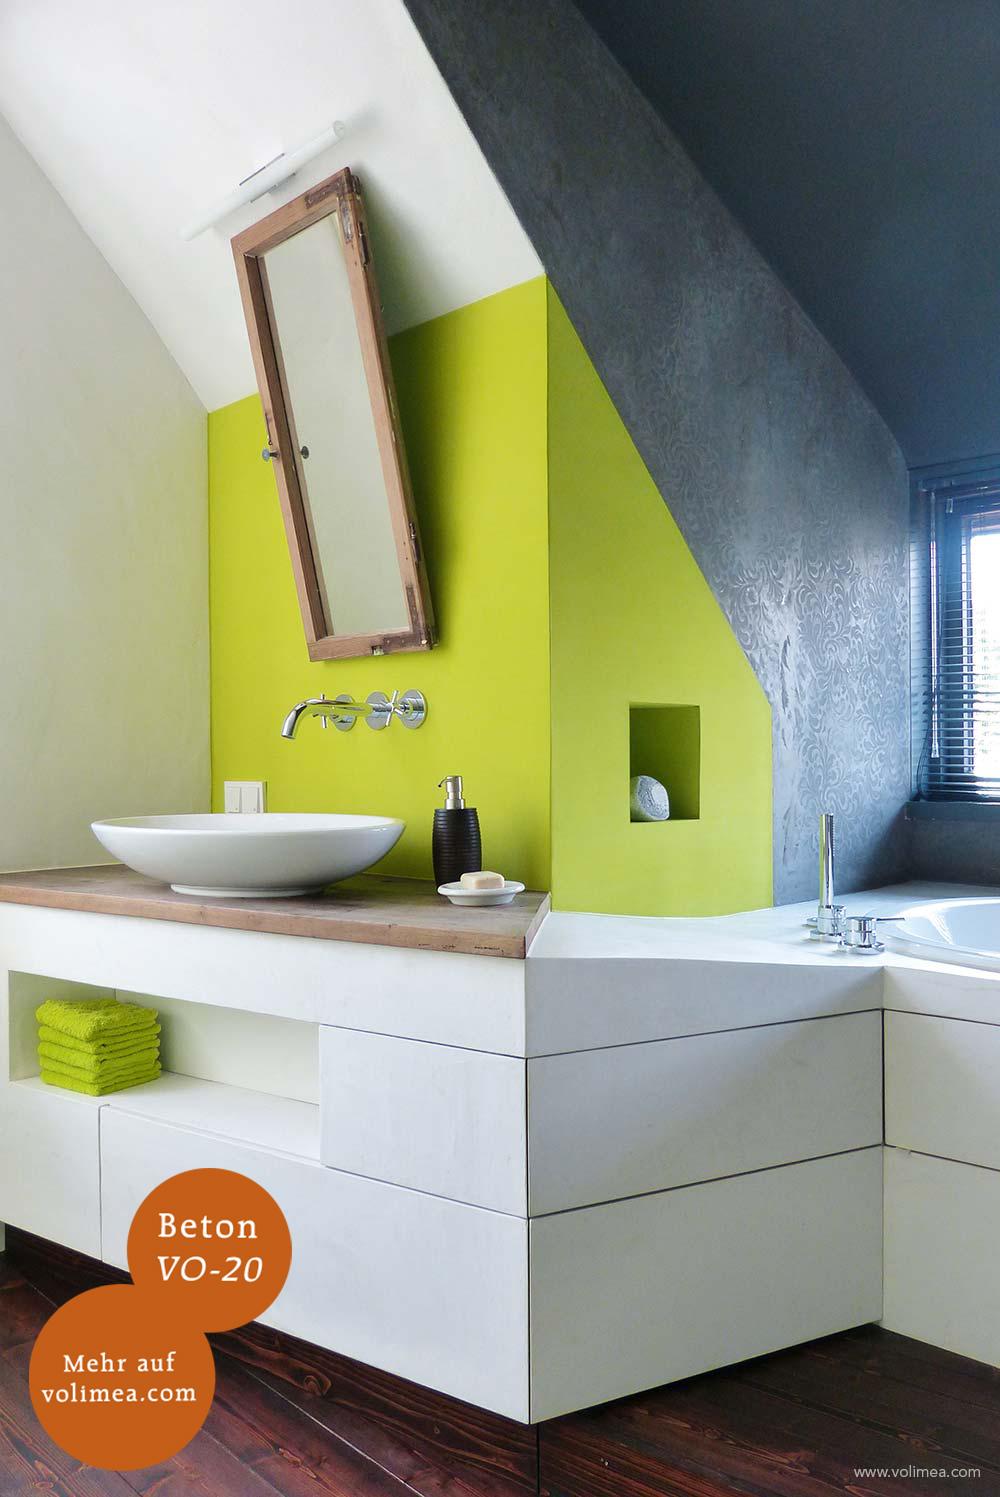 Mikrozement fugenlose Volimea Wandbeschichtung Badezimmer - Beton VO-20